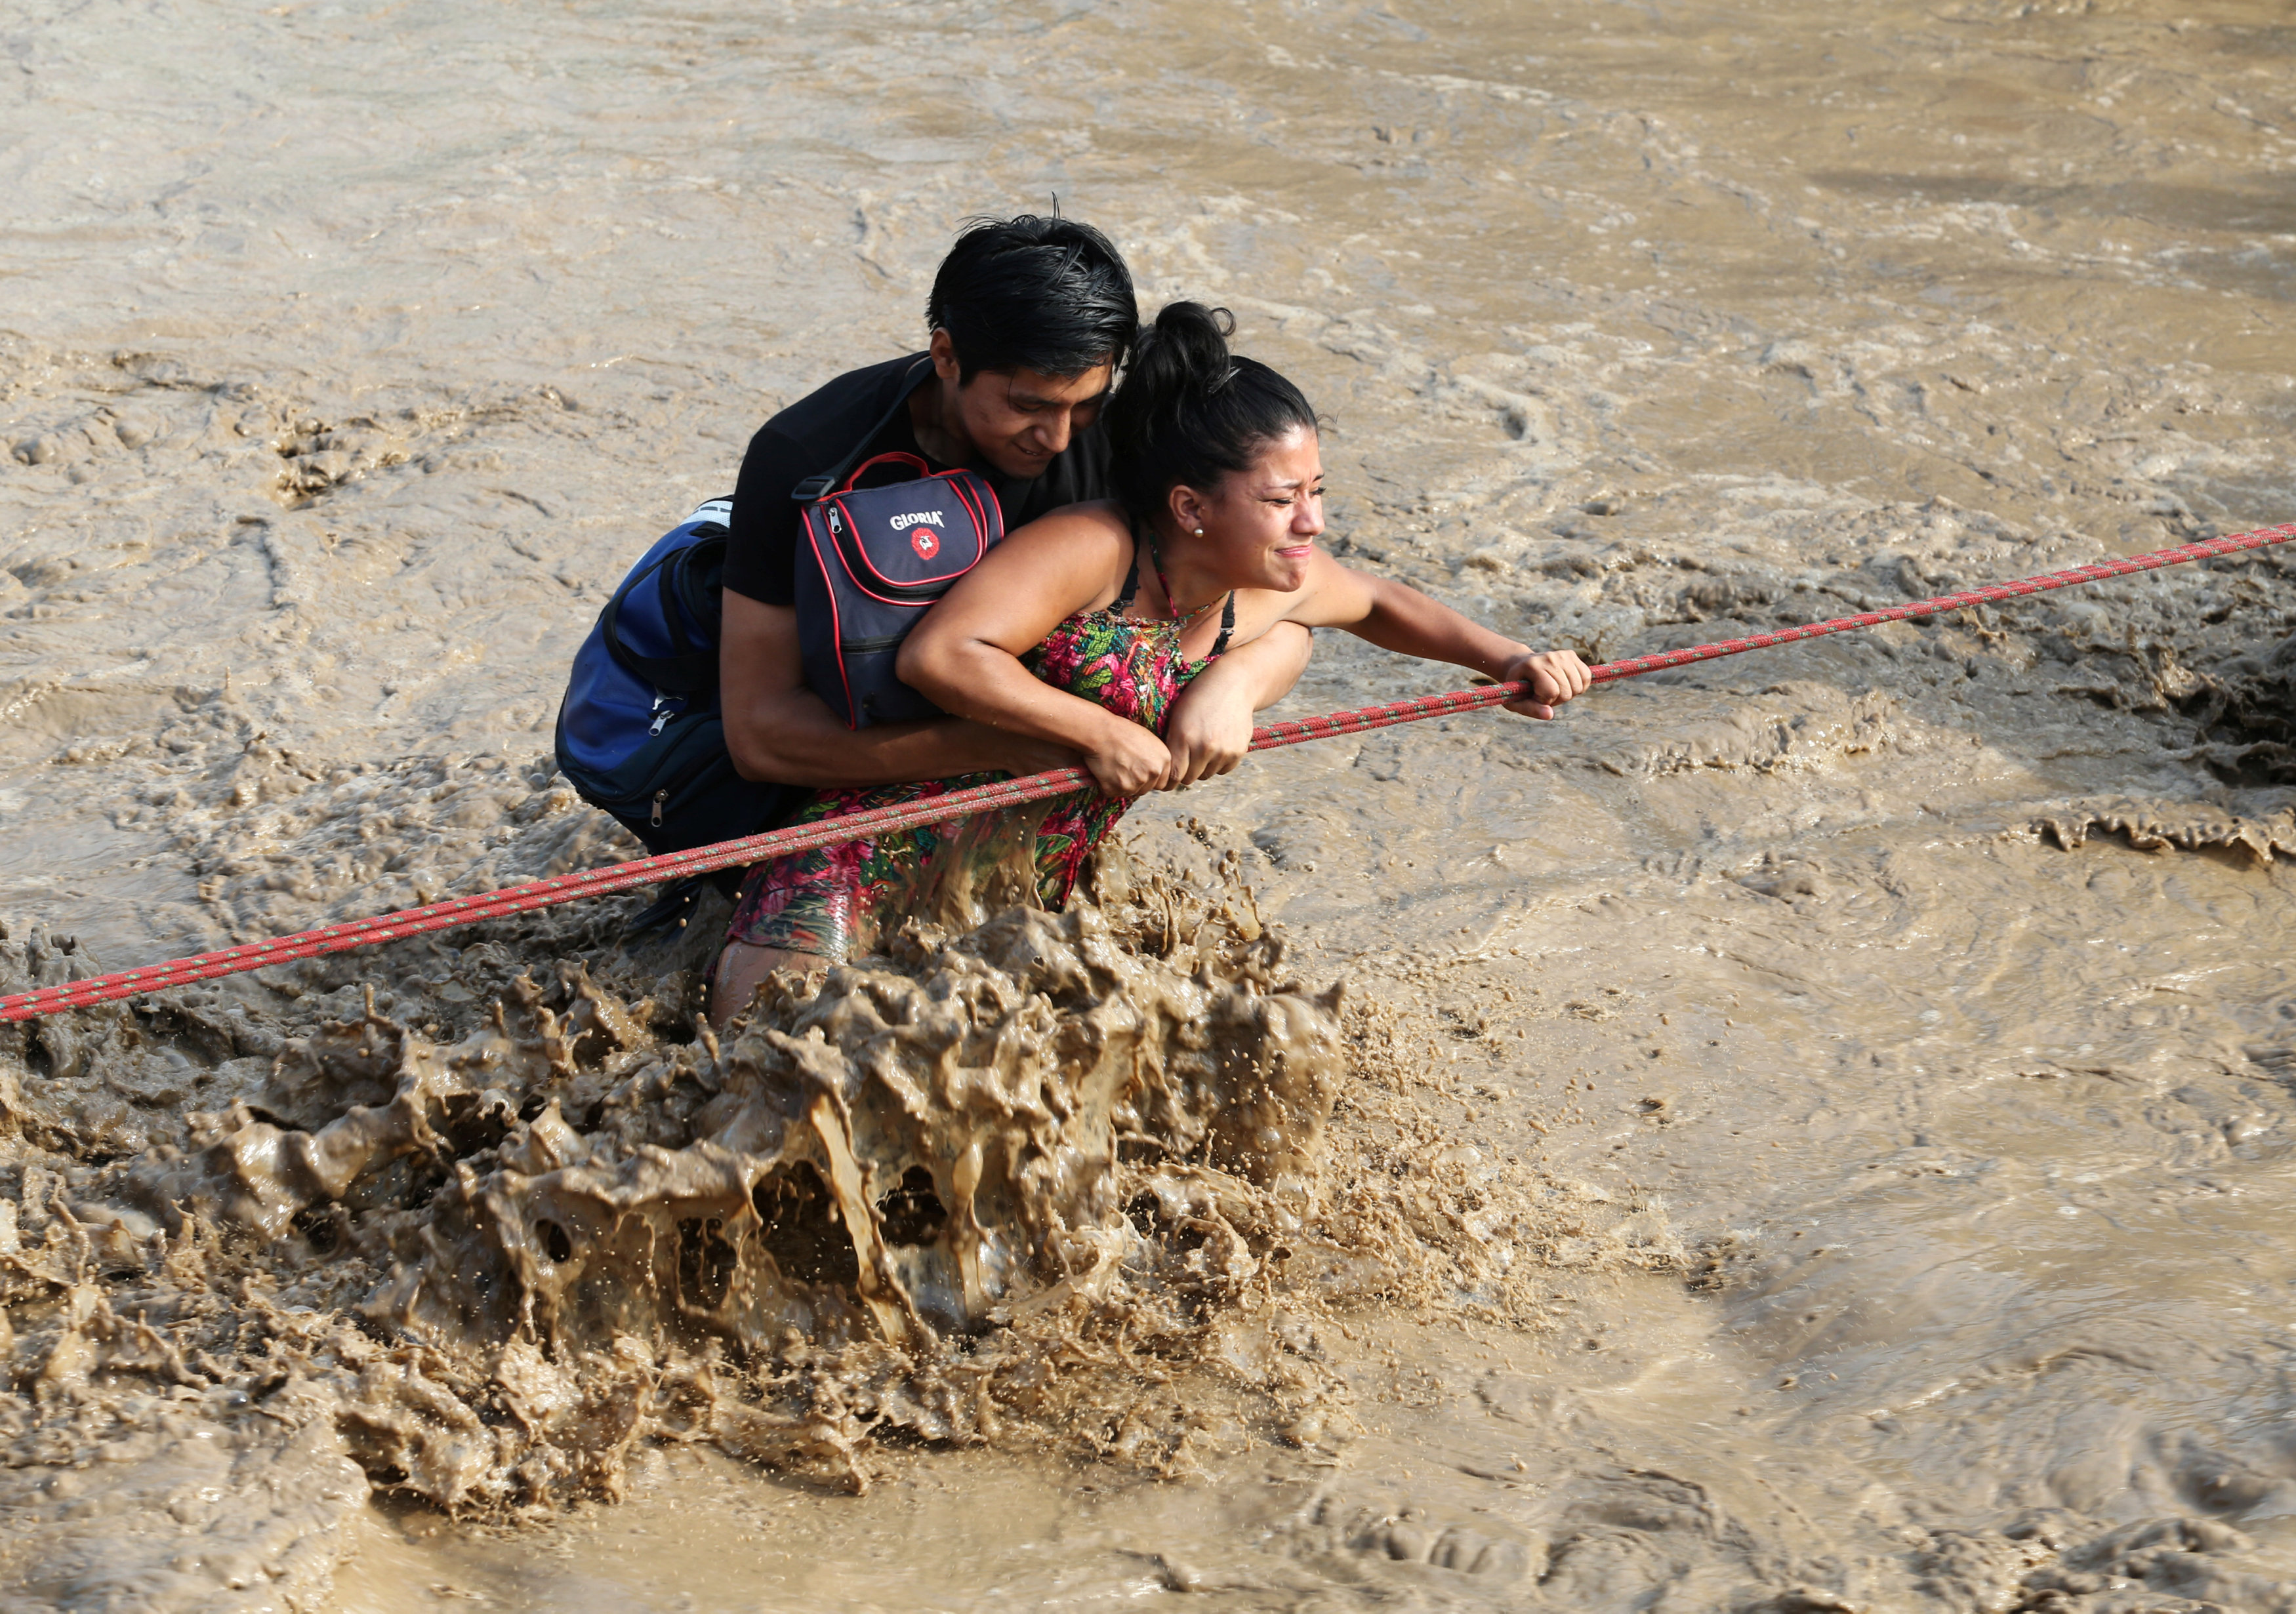 شاب يحاول انقاذ فتاه